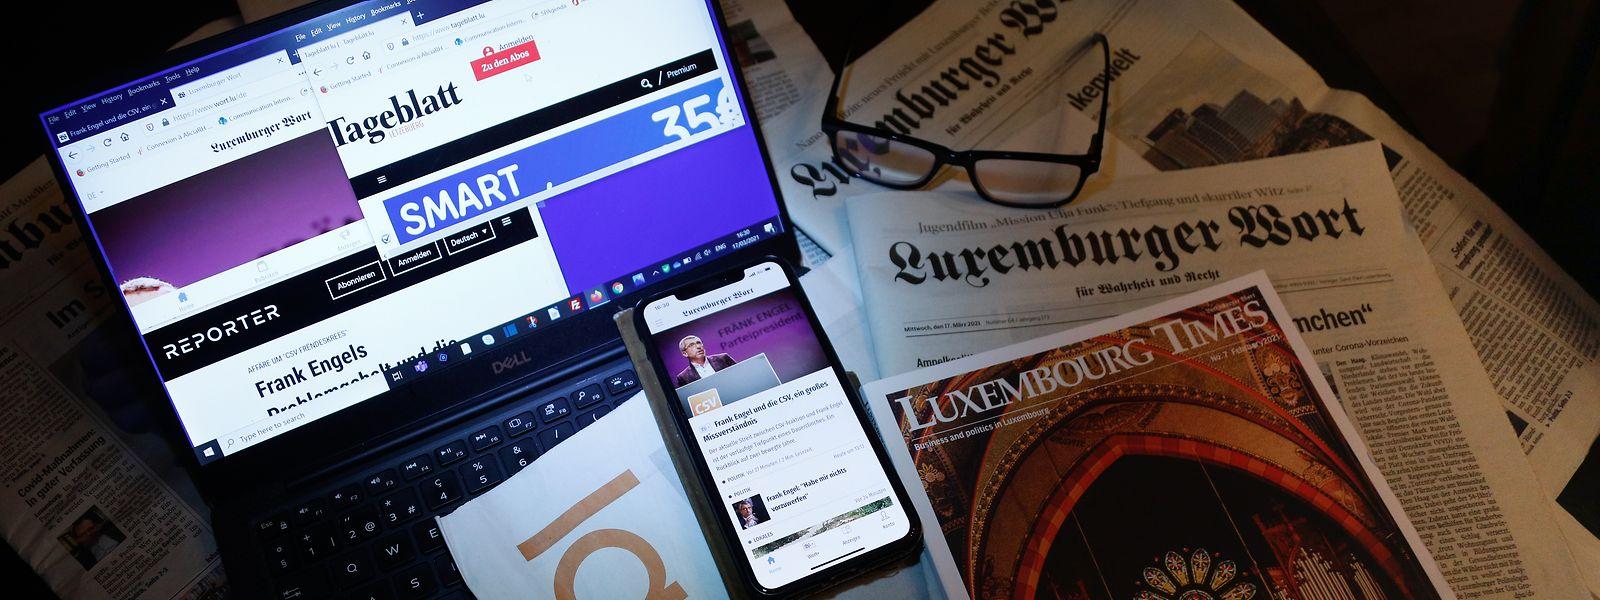 Le nouveau régime d'aide à la presse ne satisfait pas entièrement l'ALJP qui craint de nombreux effets pervers d'un texte pourtant voué à mettre sur un pied d'égalité médias print et online.